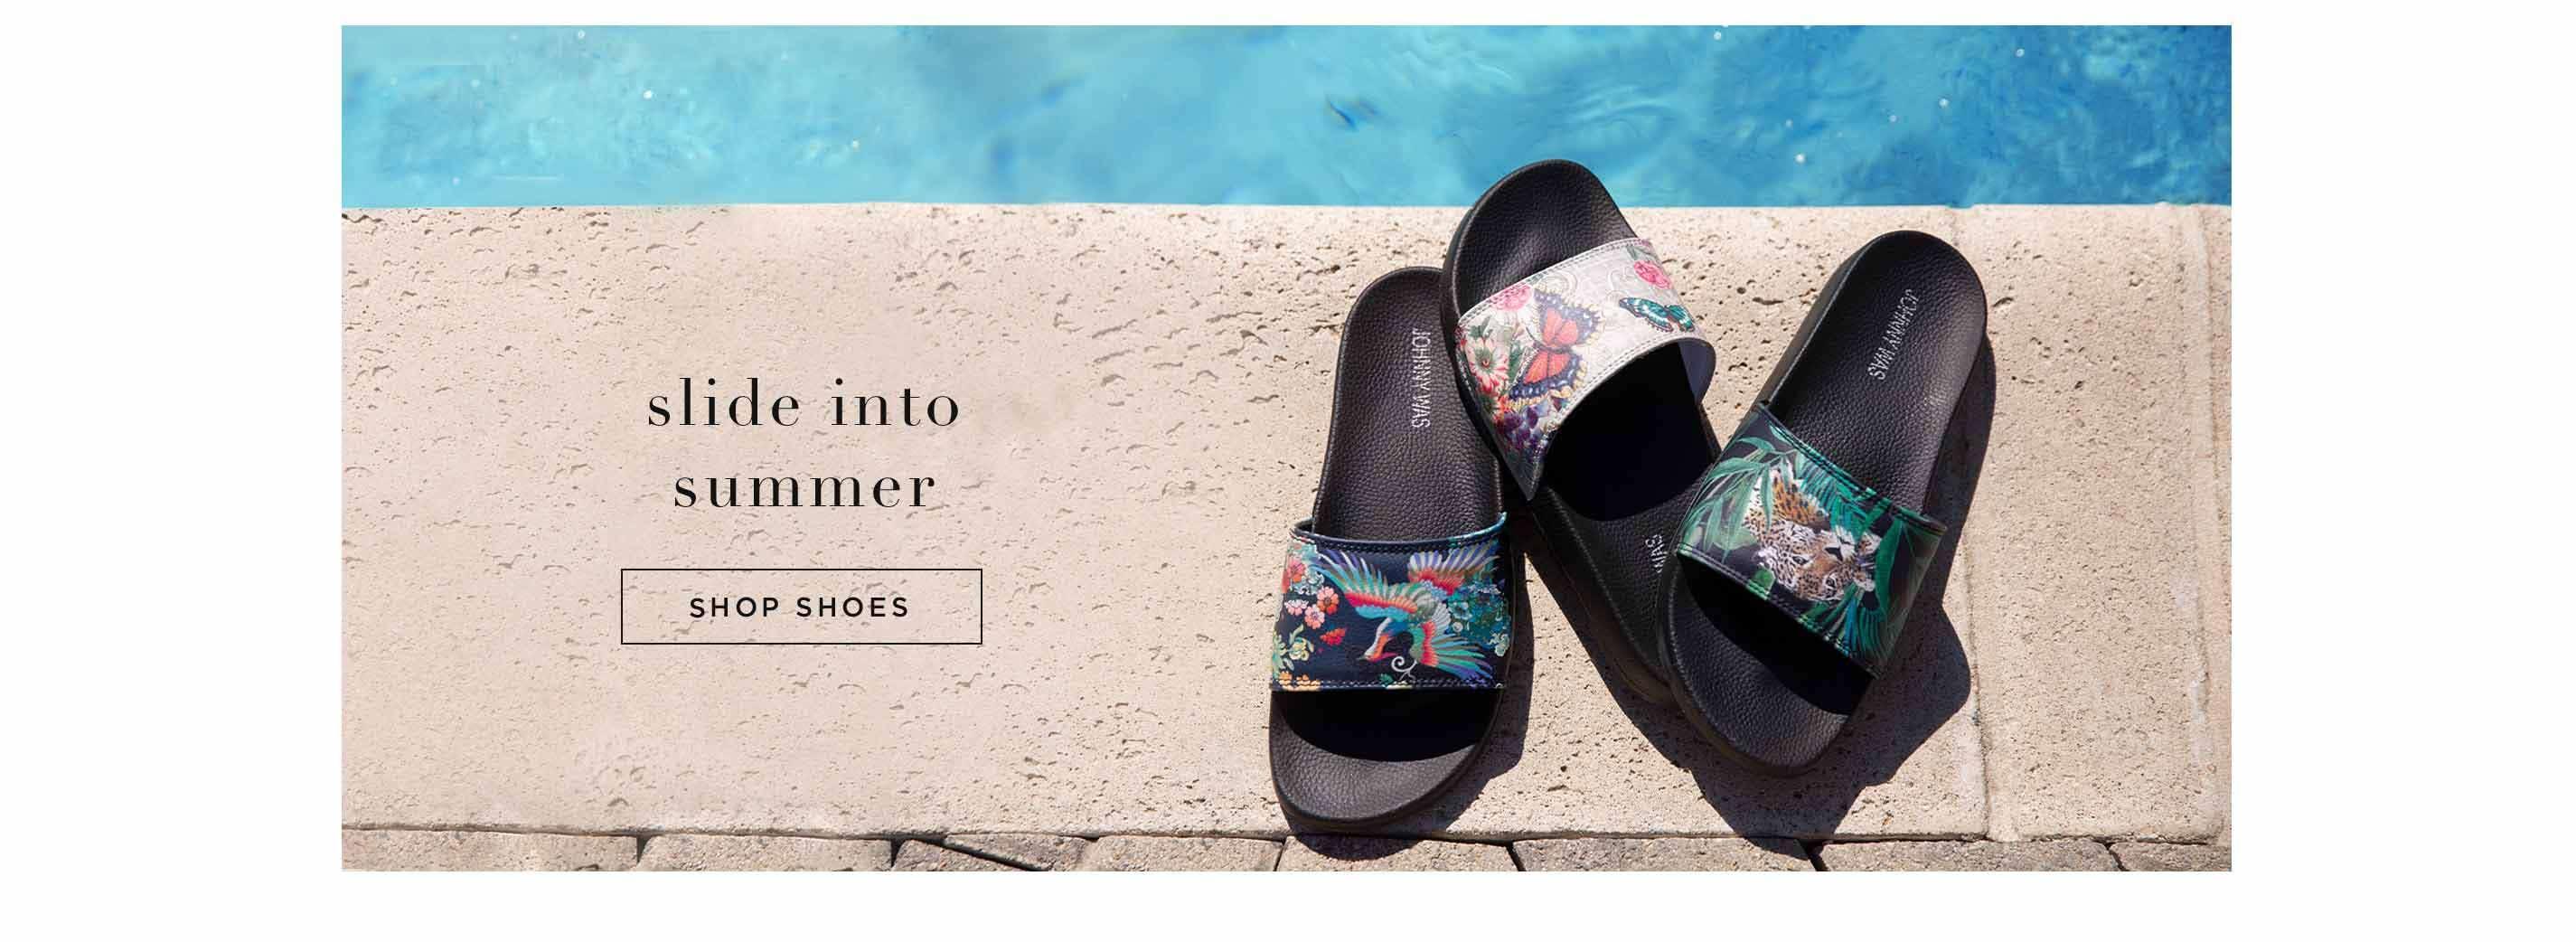 Slide Into Summer - Shop Shoes